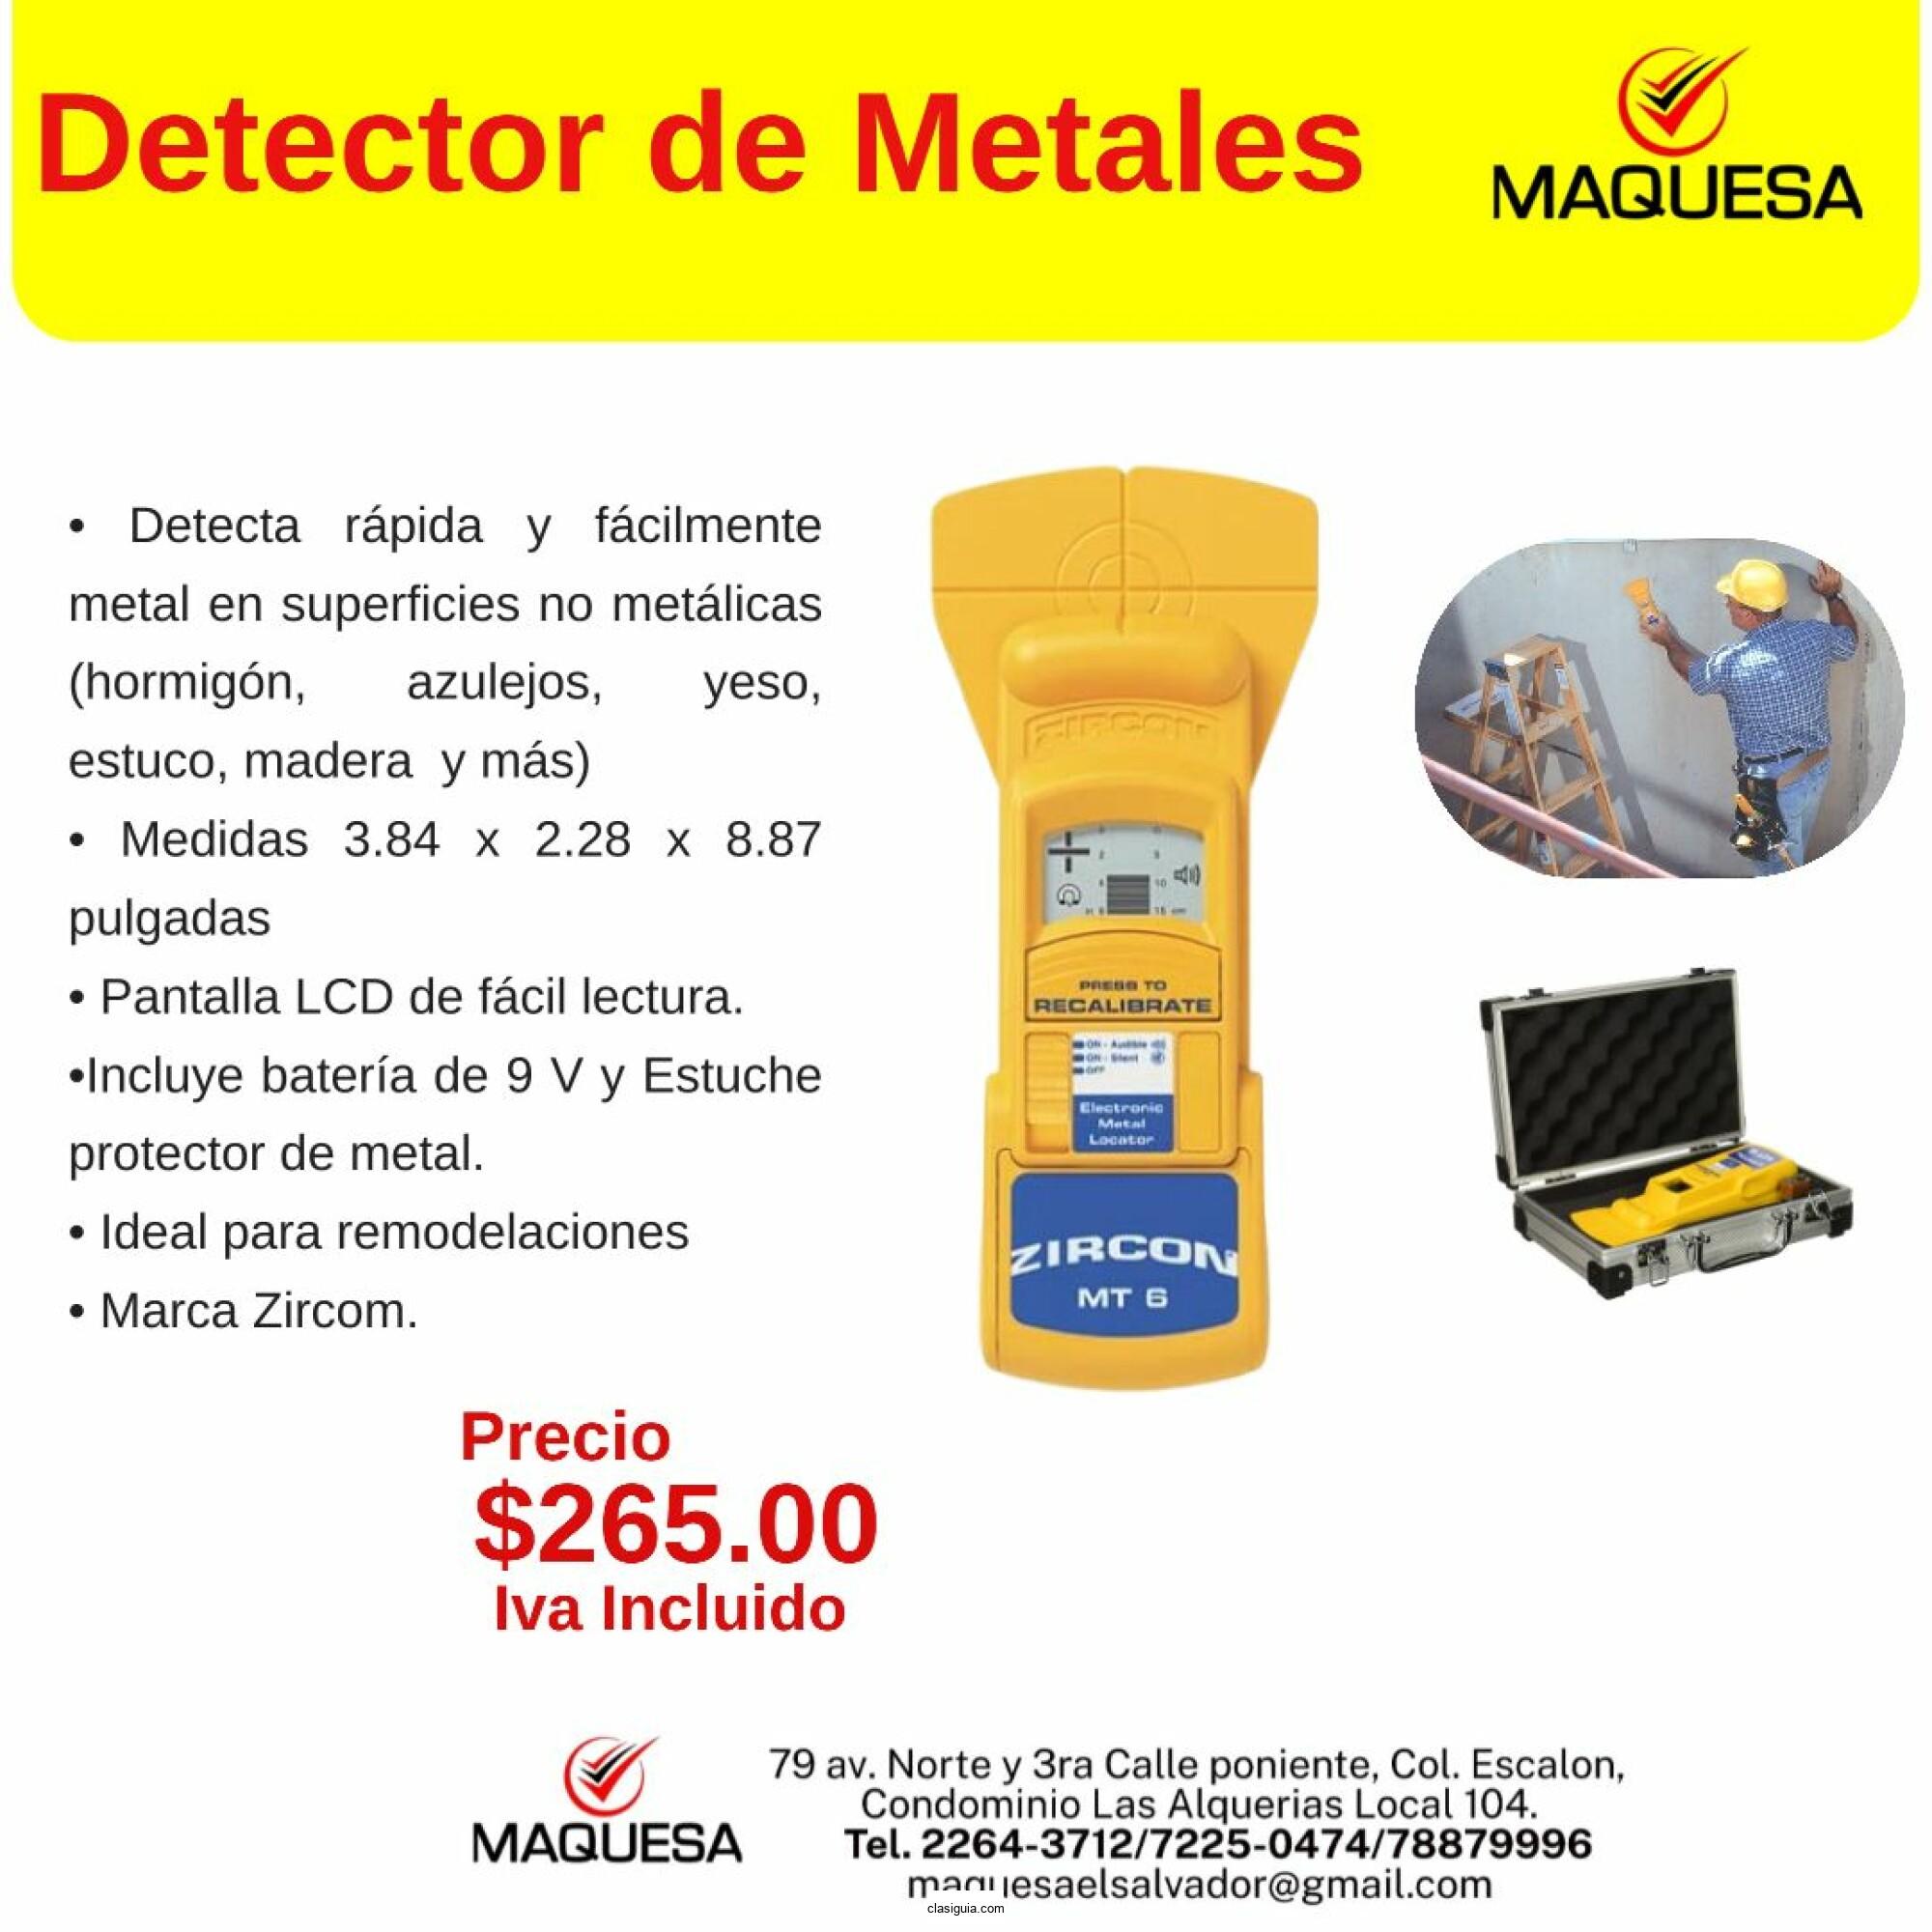 Detector de metales